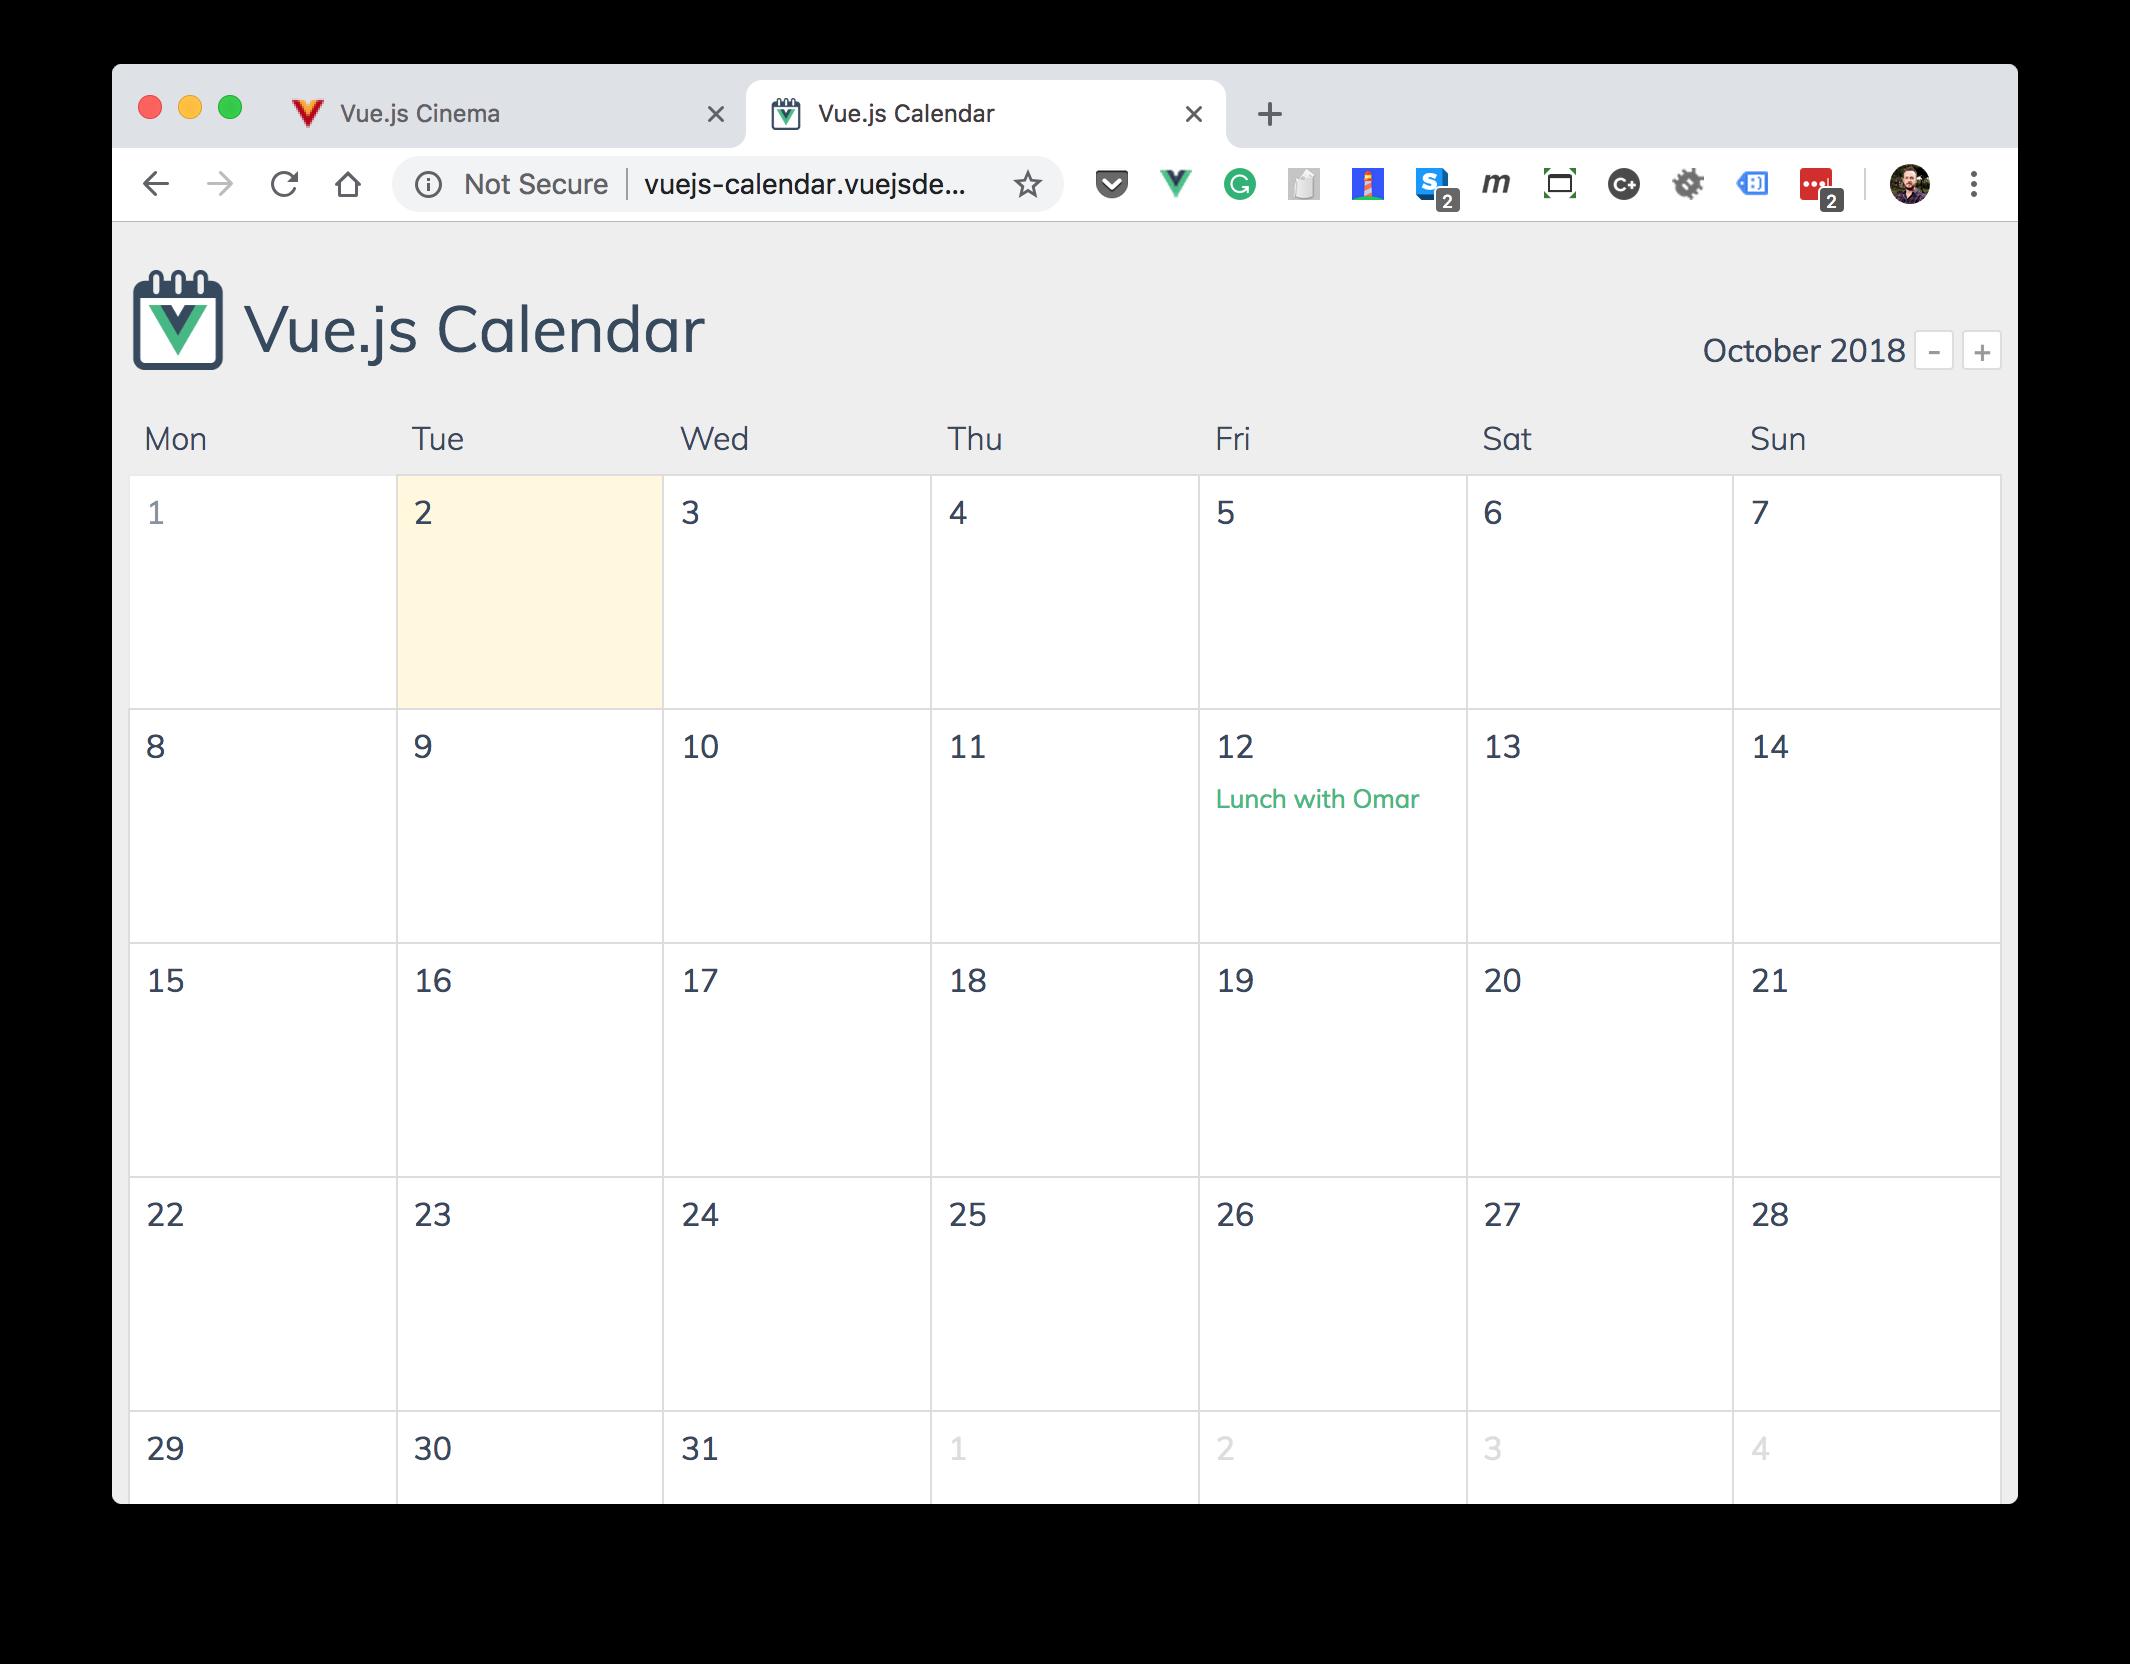 Vue.js Calendar